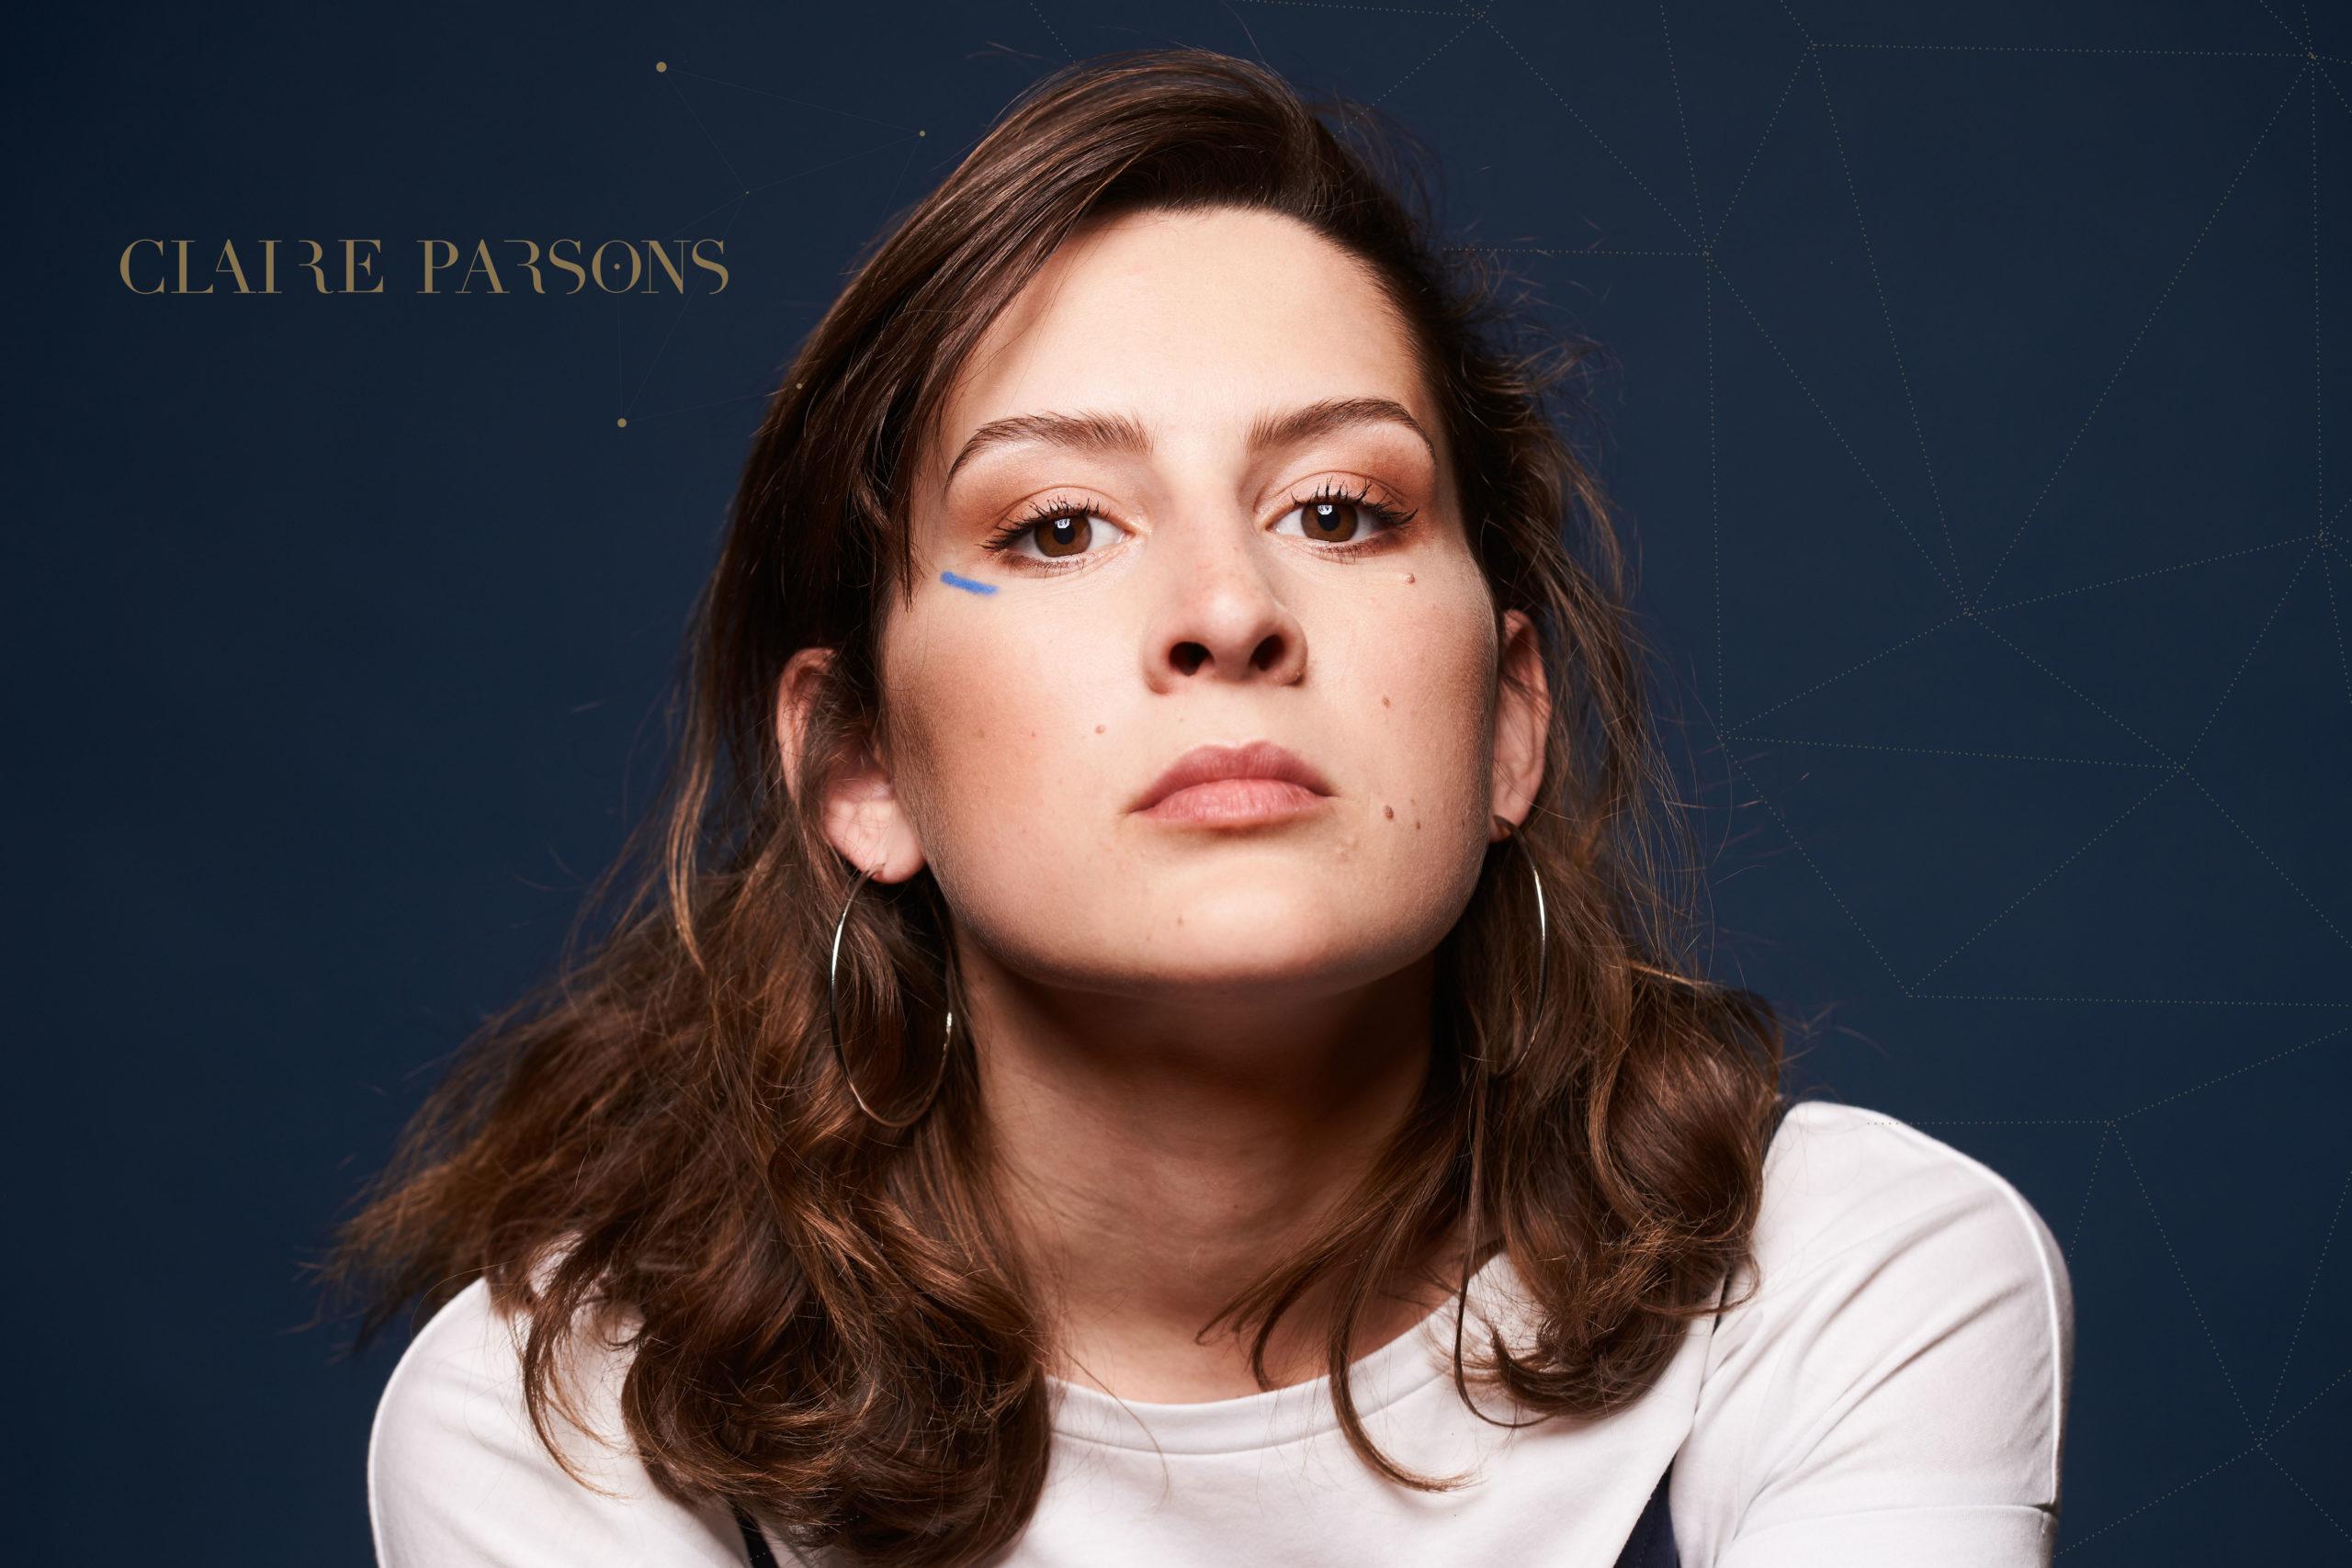 Claire Parsons joins Nuances Music Productions